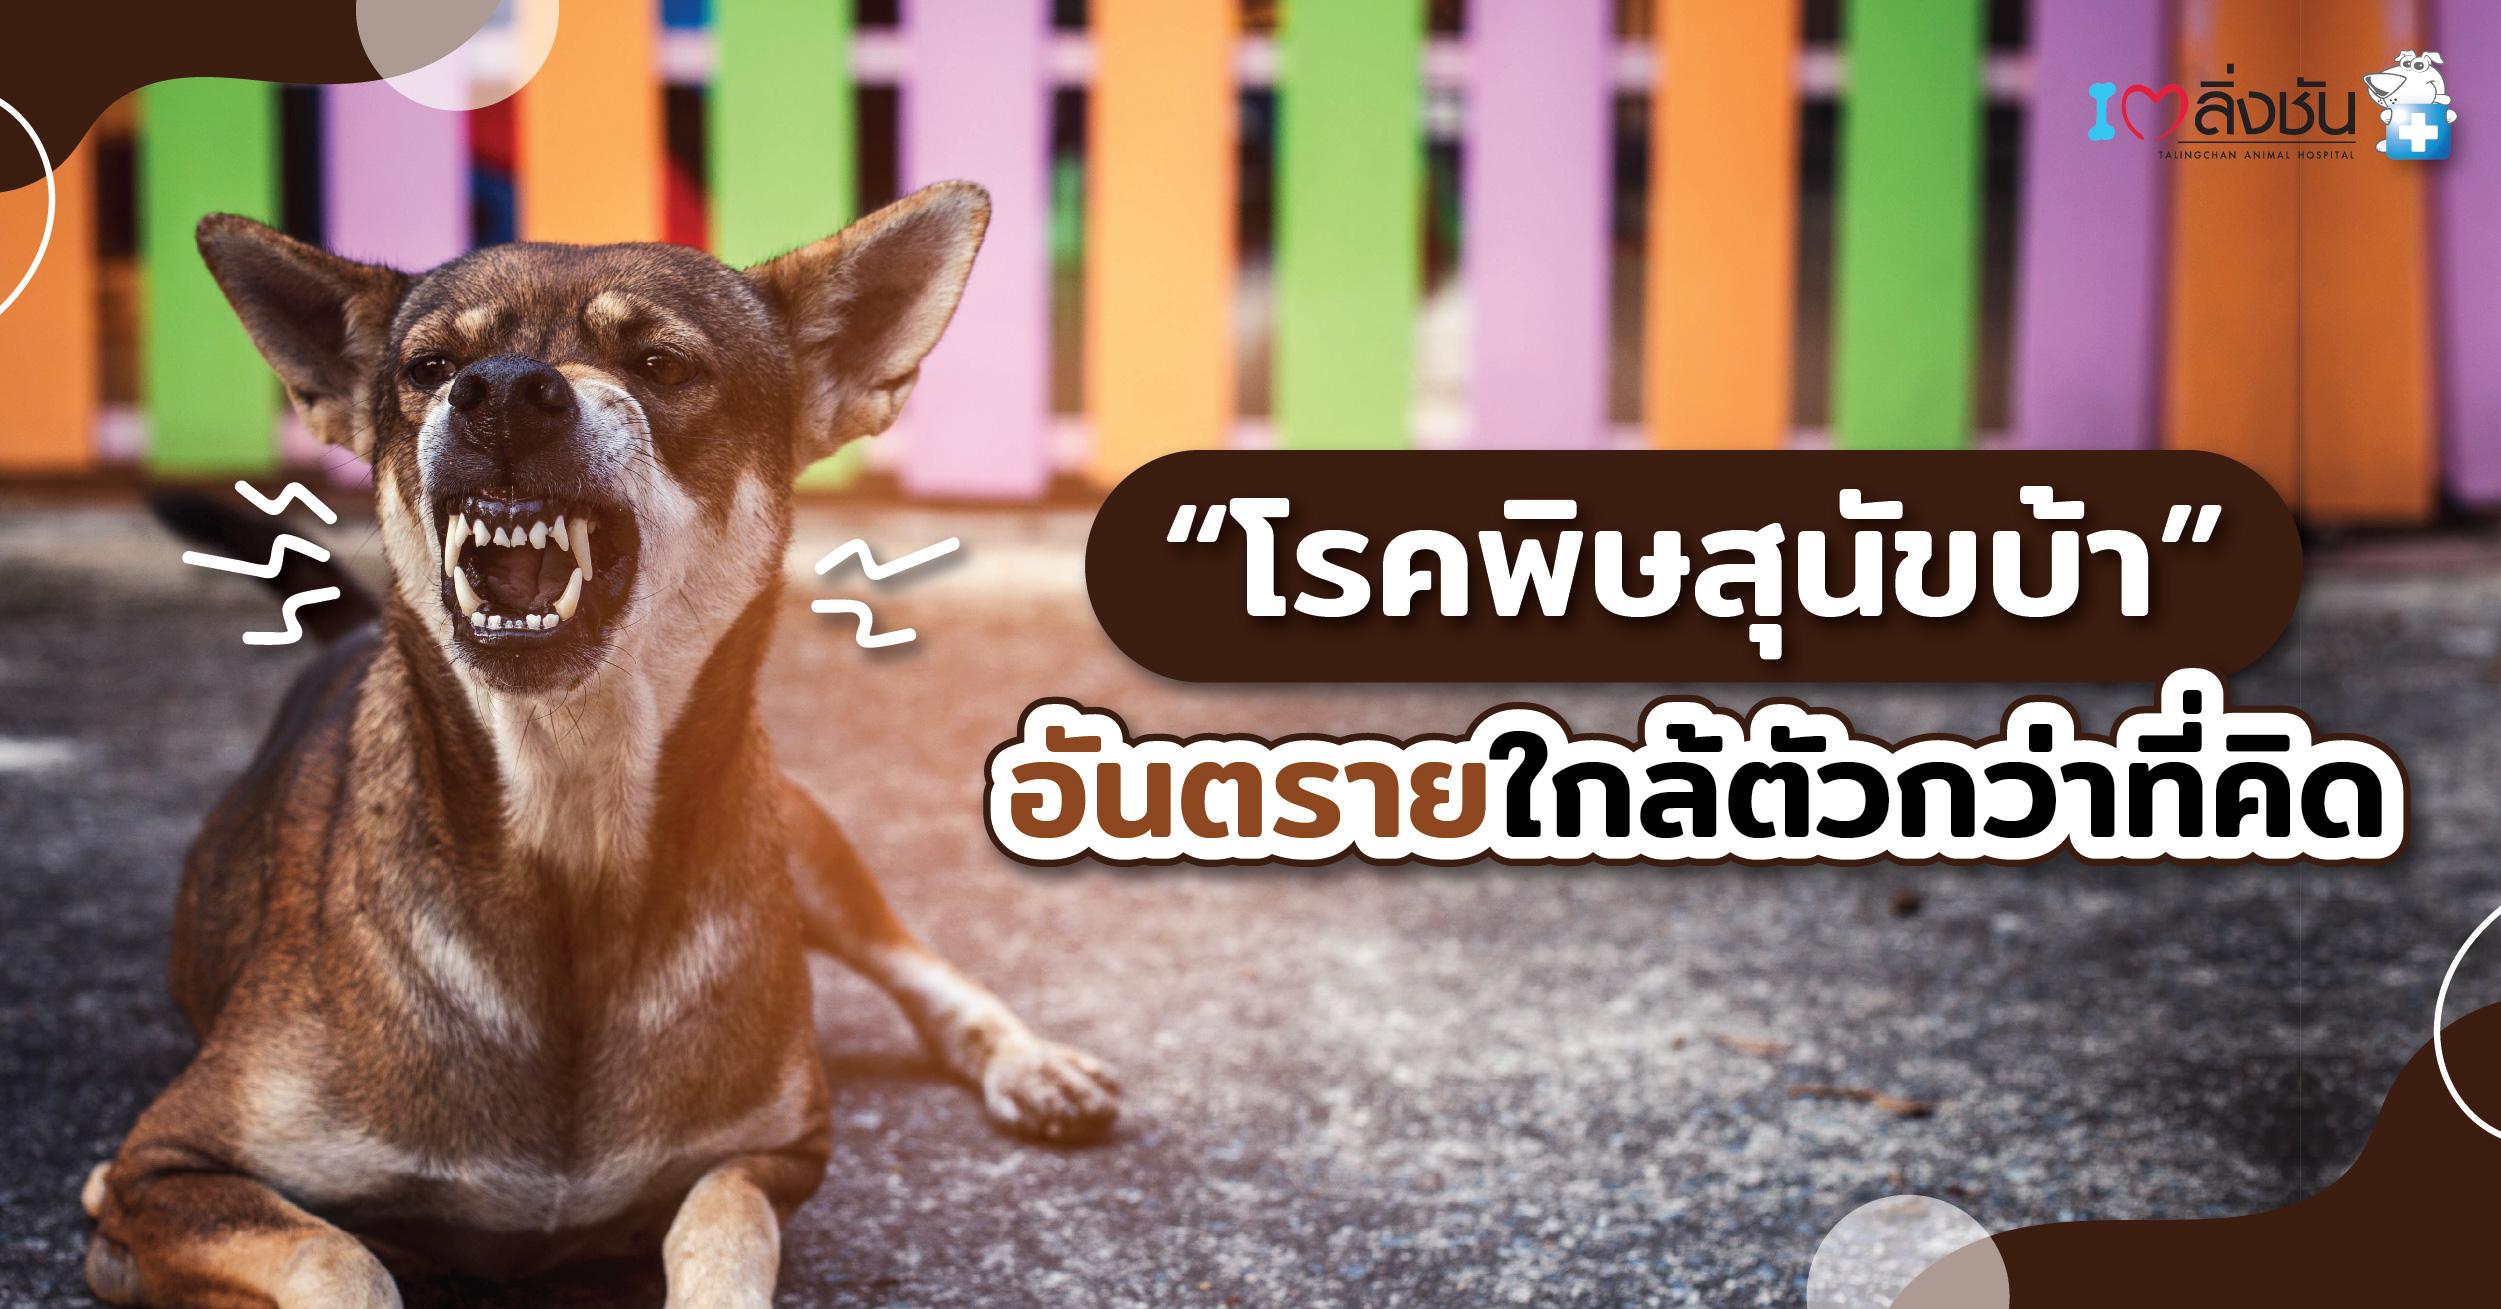 พิษสุนัขบ้า-03